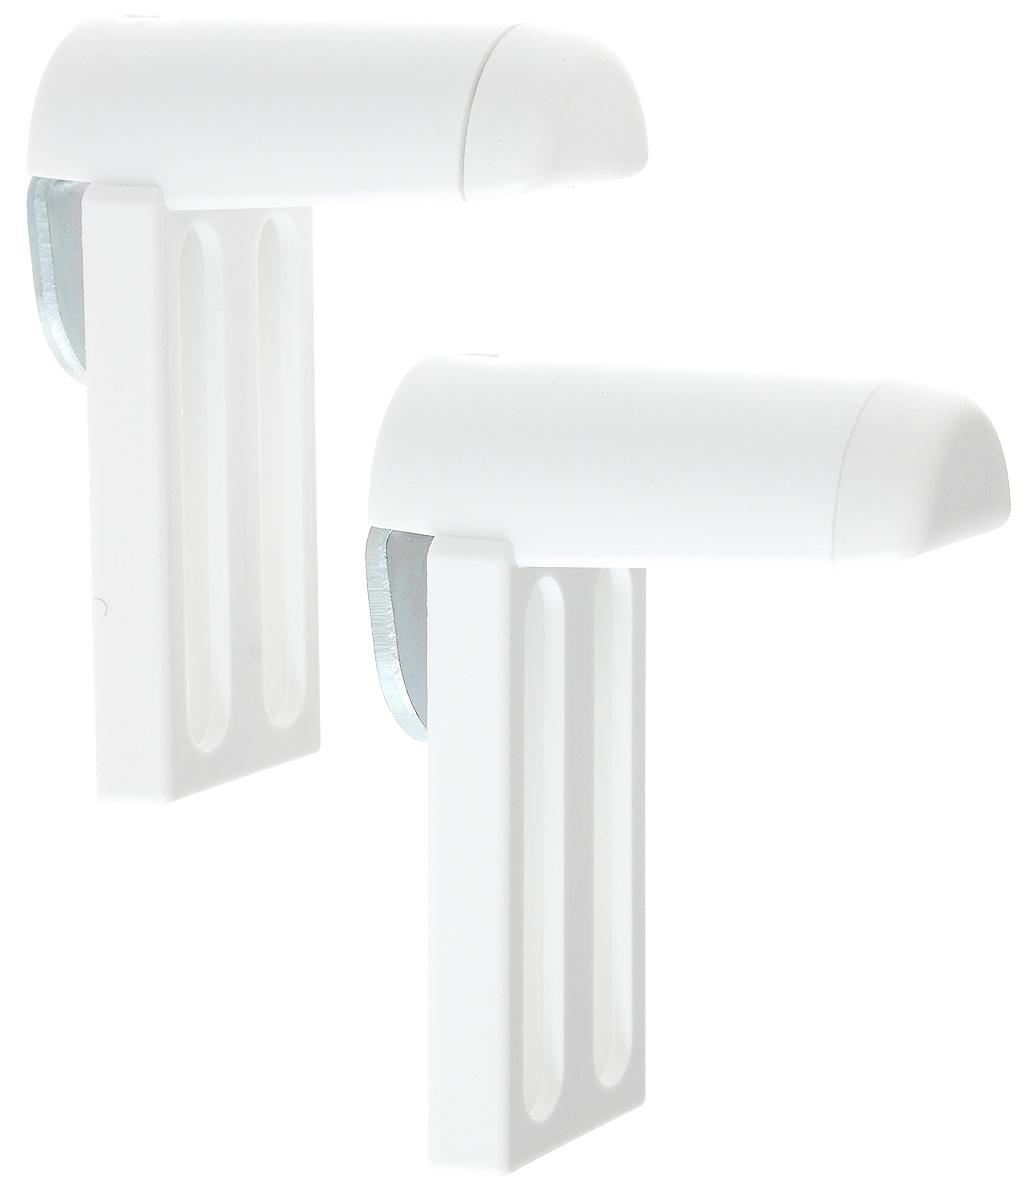 Крепление для фиксации рулонных штор Эскар, универсальное, на распашное окно, 2 шт13000Универсально крепление Эскар предназначено дляфиксации рулонных штор, плиссе на распашное окно безсверления. Выполнено из высококачественного пластика.Комплектация: 2 шт.Размер крепления: 5,2 х 2,3 х 3,8 см.